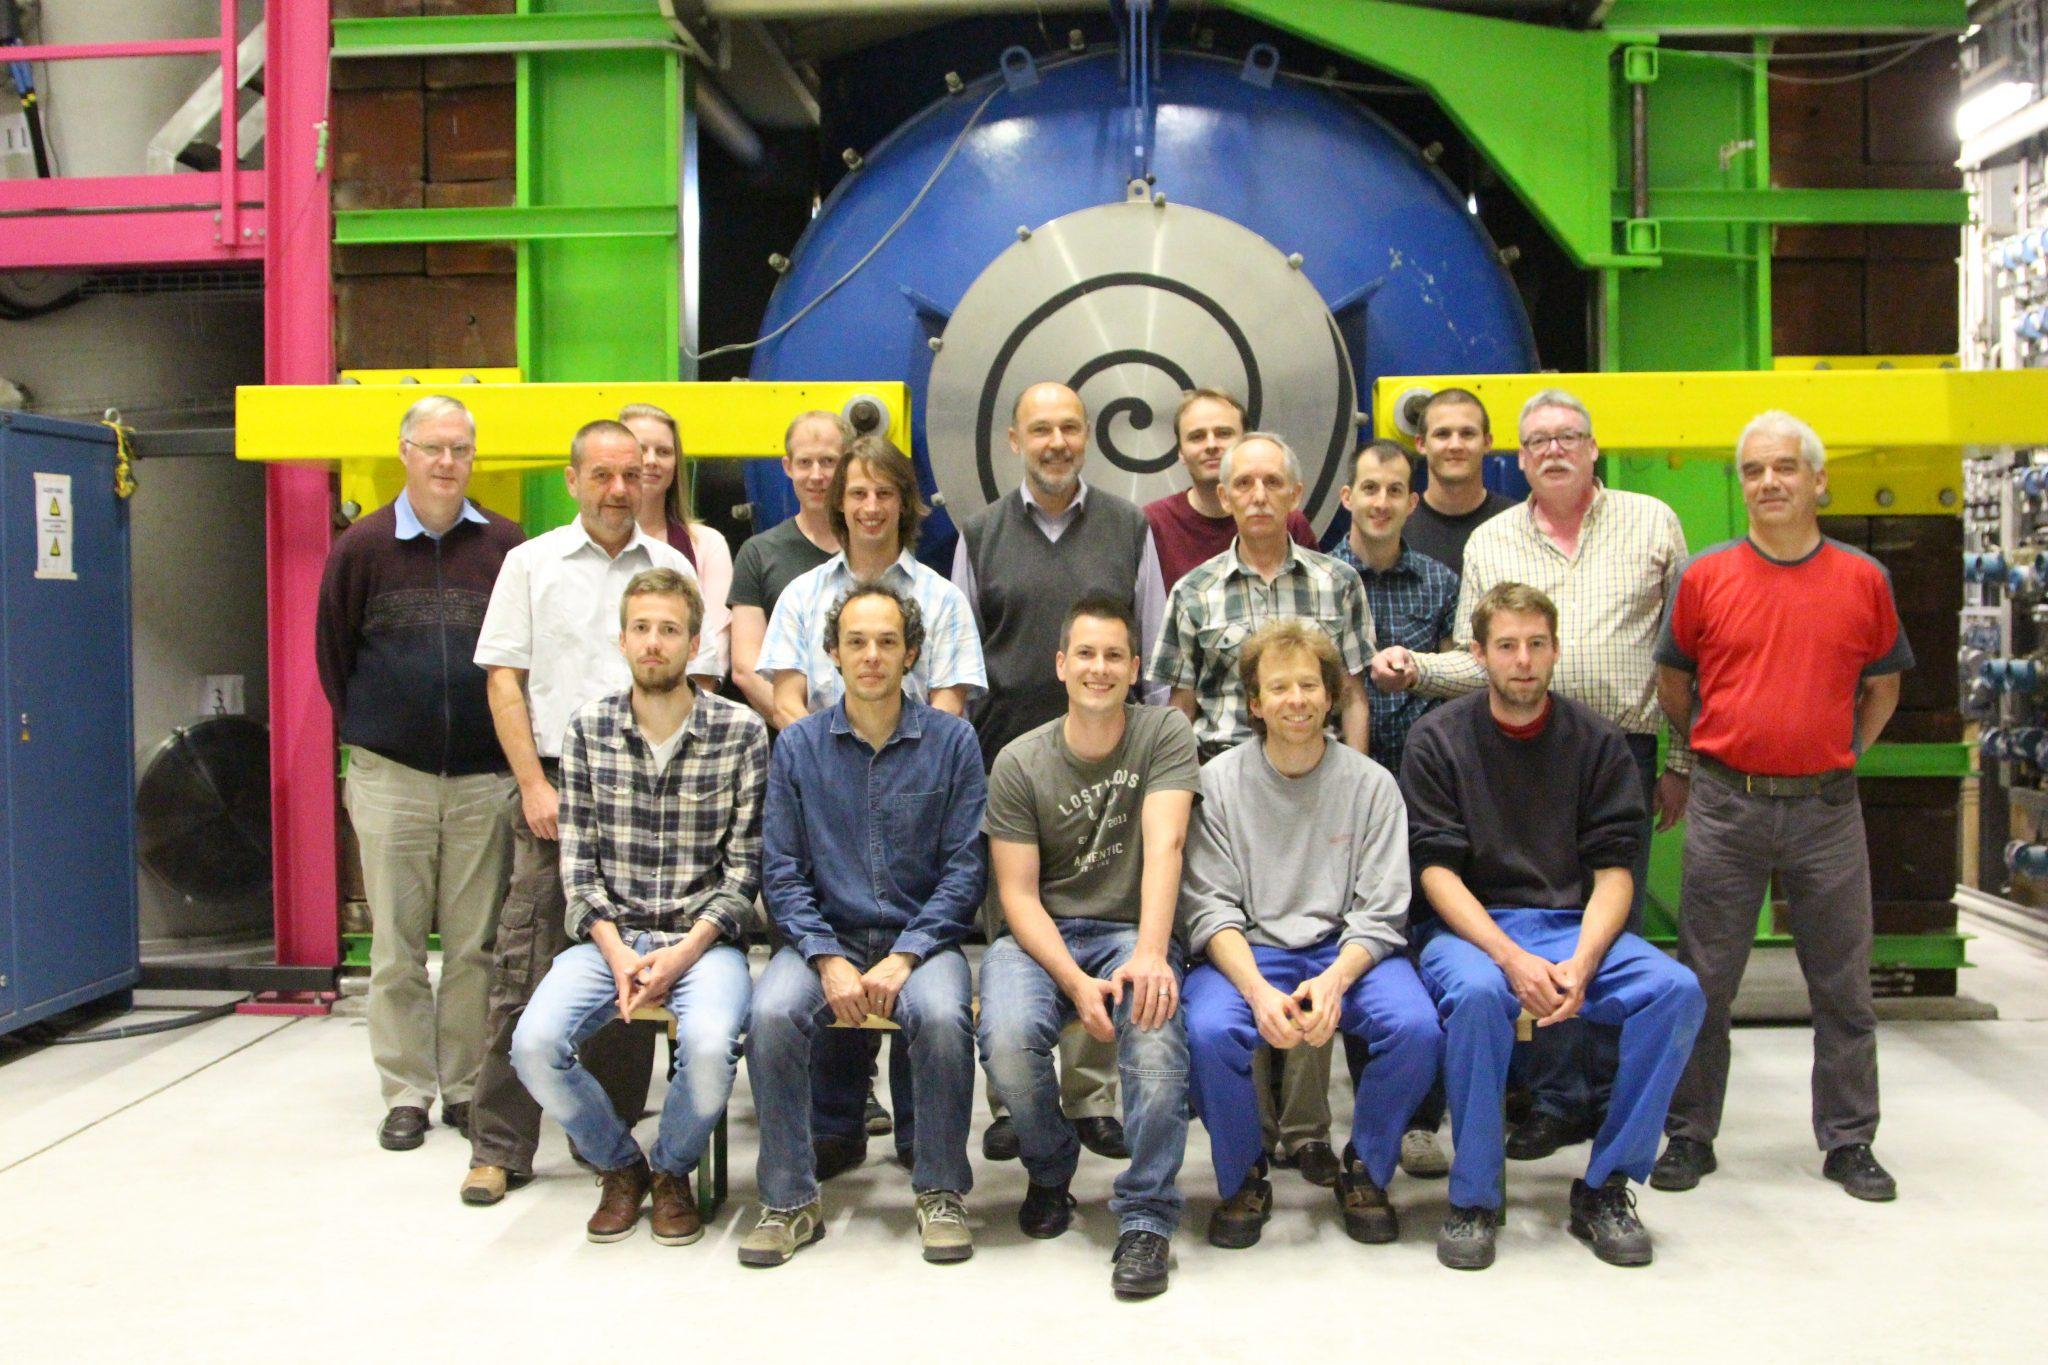 CRPP-SC group photo, May 2014.